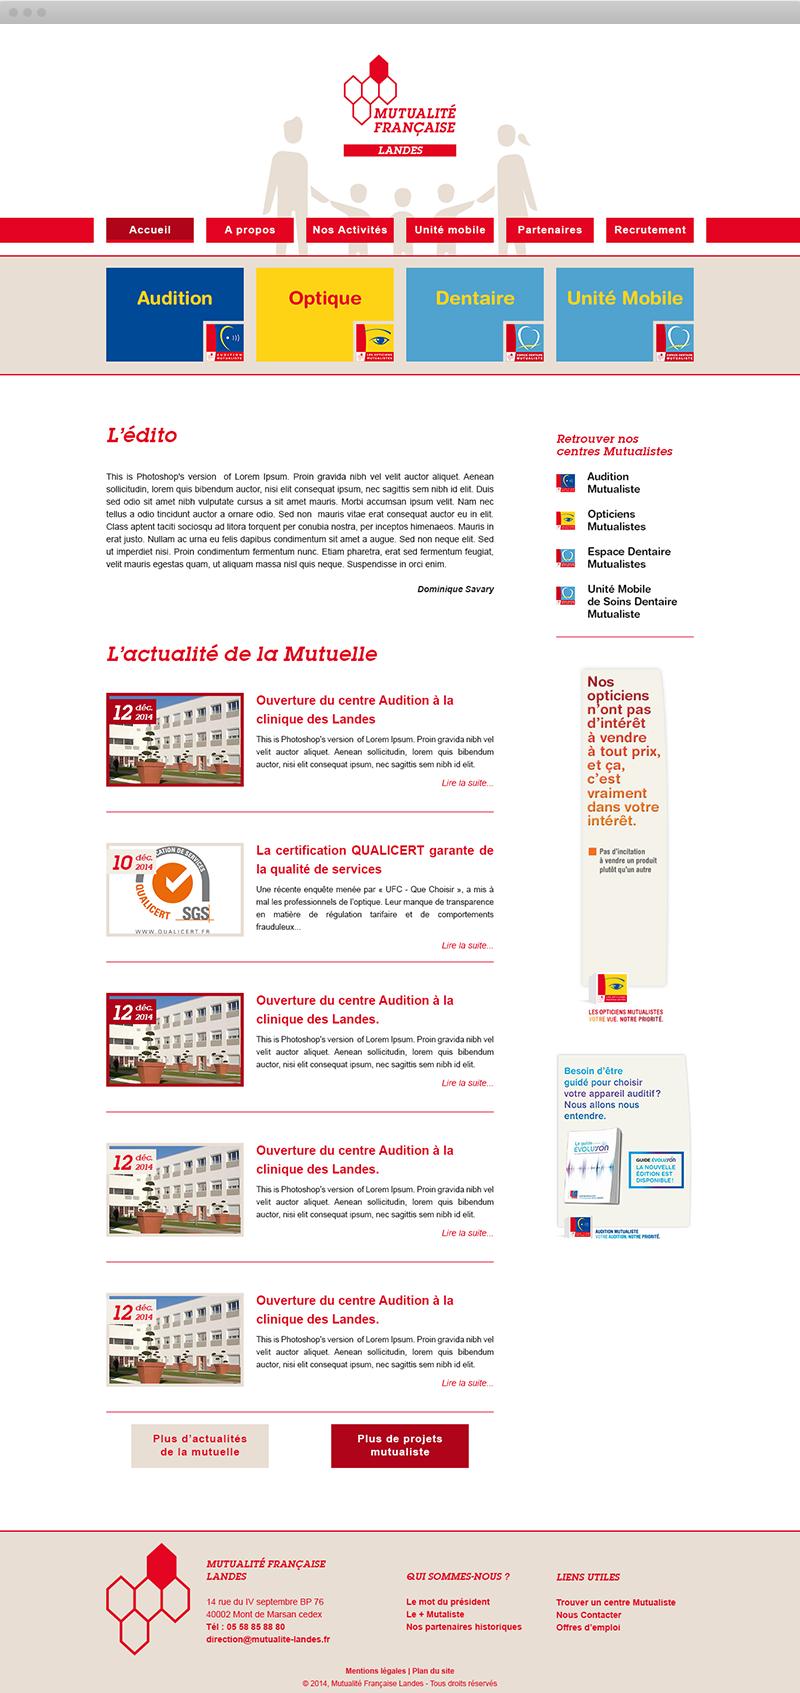 Mutualité Française Landes - Accueil